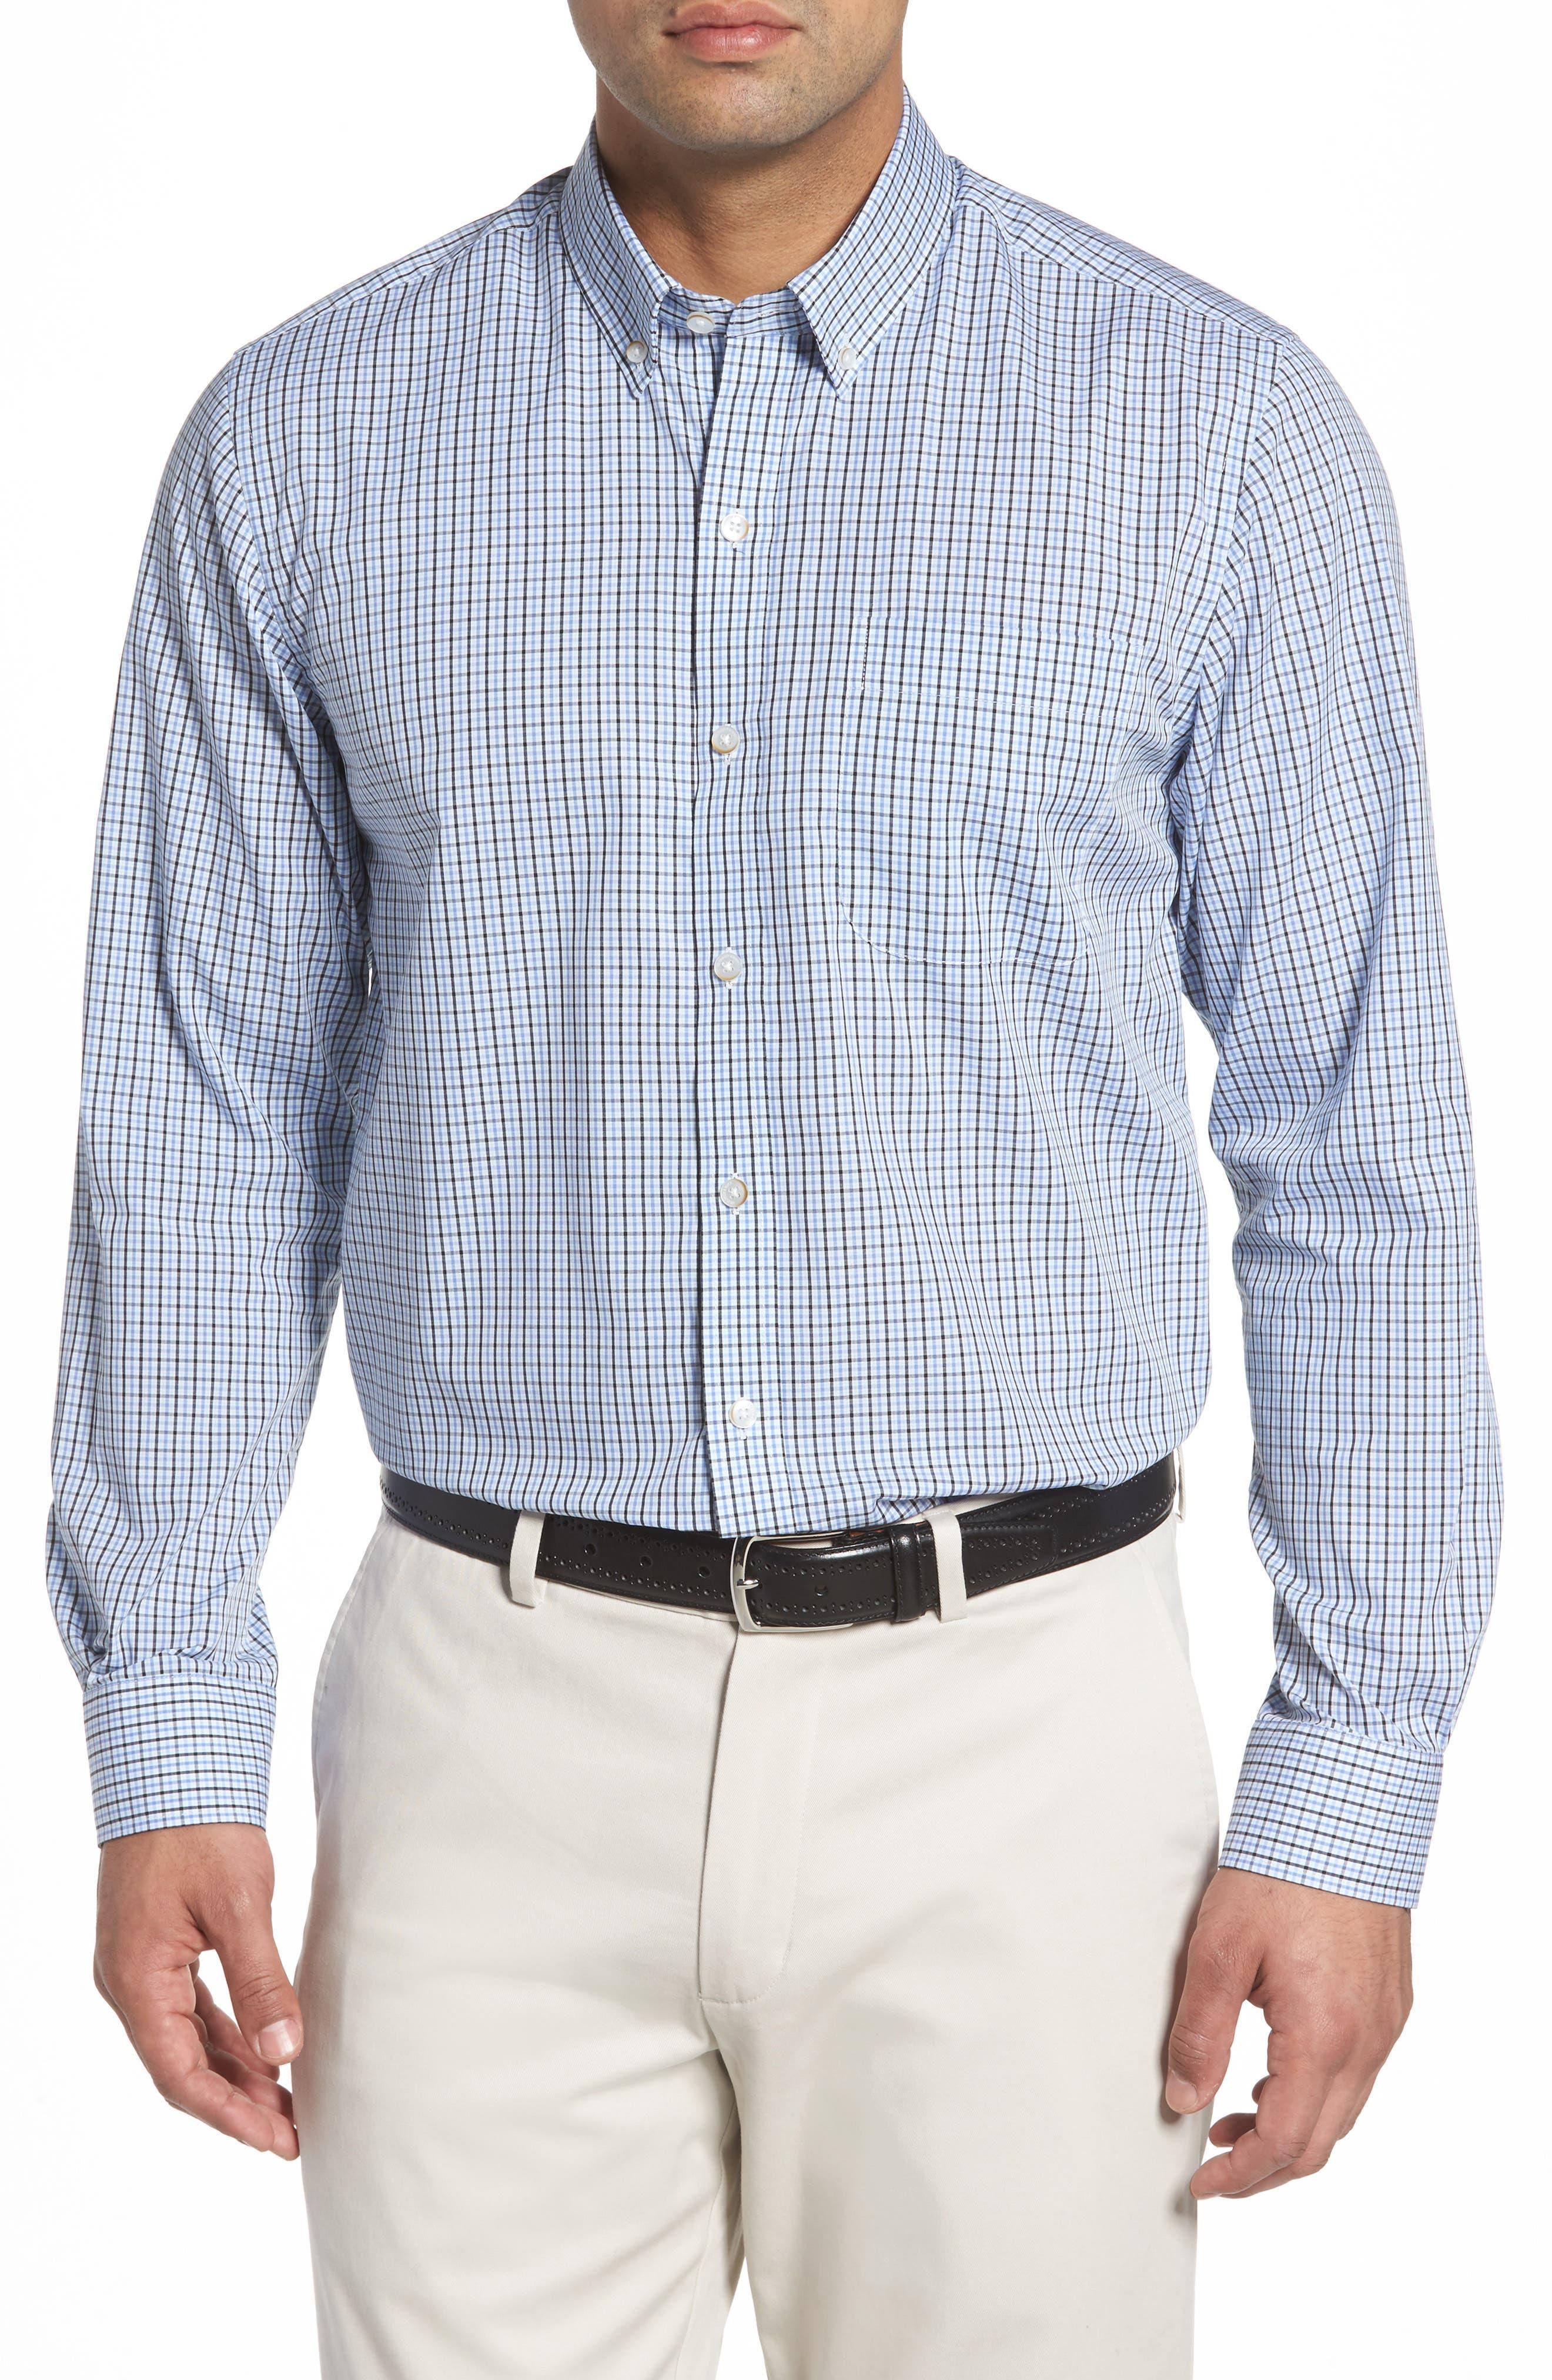 Cutter & Buck Easton Check Non-Iron Sport Shirt (Big & Tall)